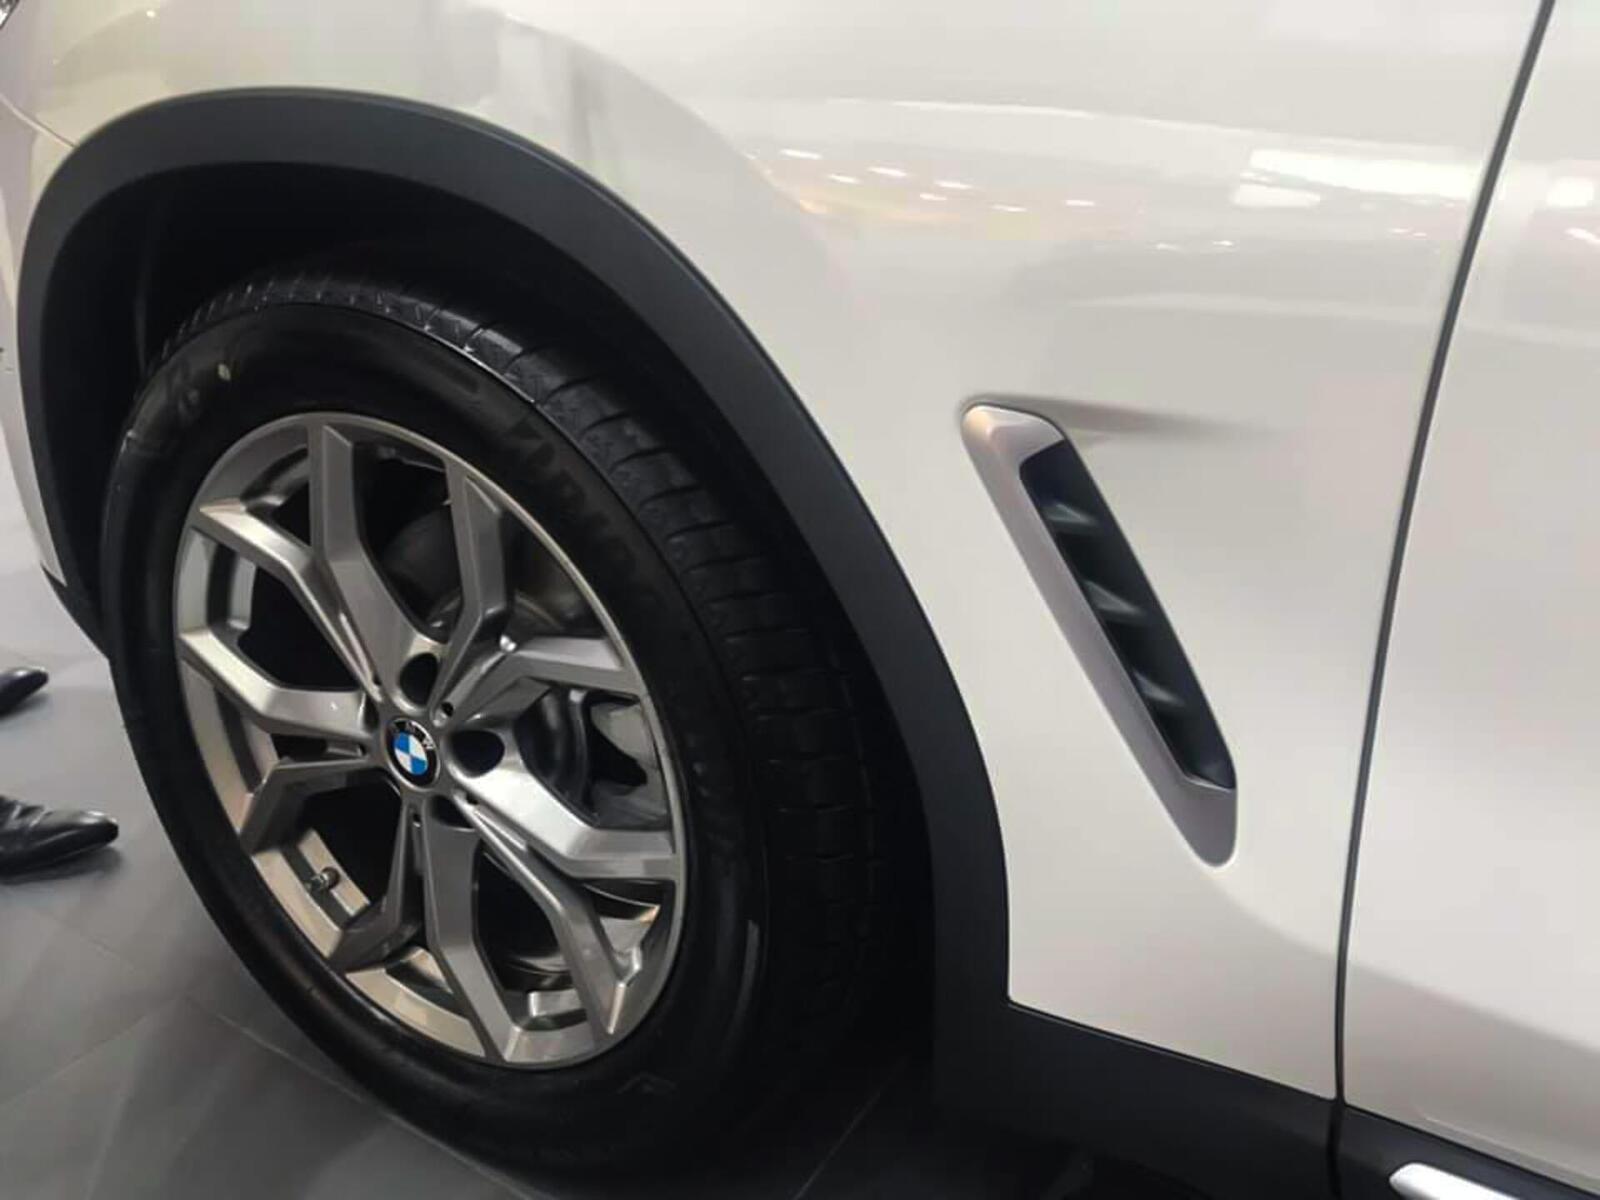 BMW X3 xDrive30i phiên bản xLine được trang bị mâm 18 inch tiêu chuẩn